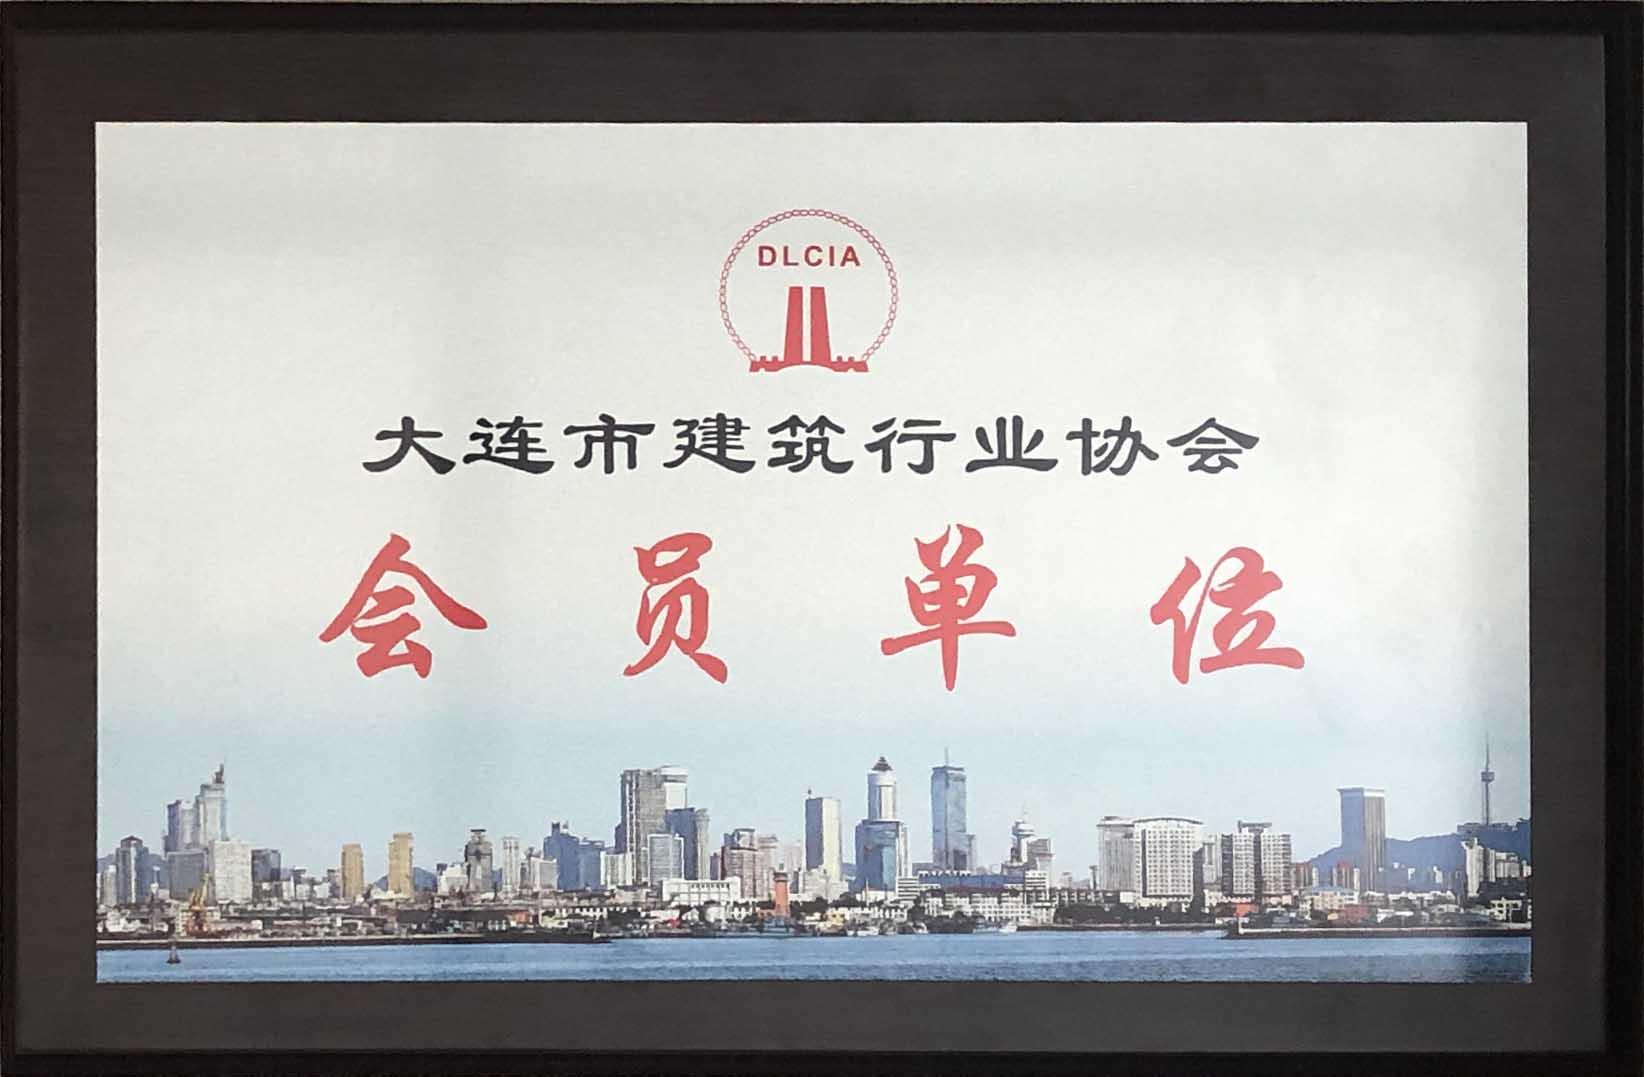 大連建筑行業協會會員牌匾